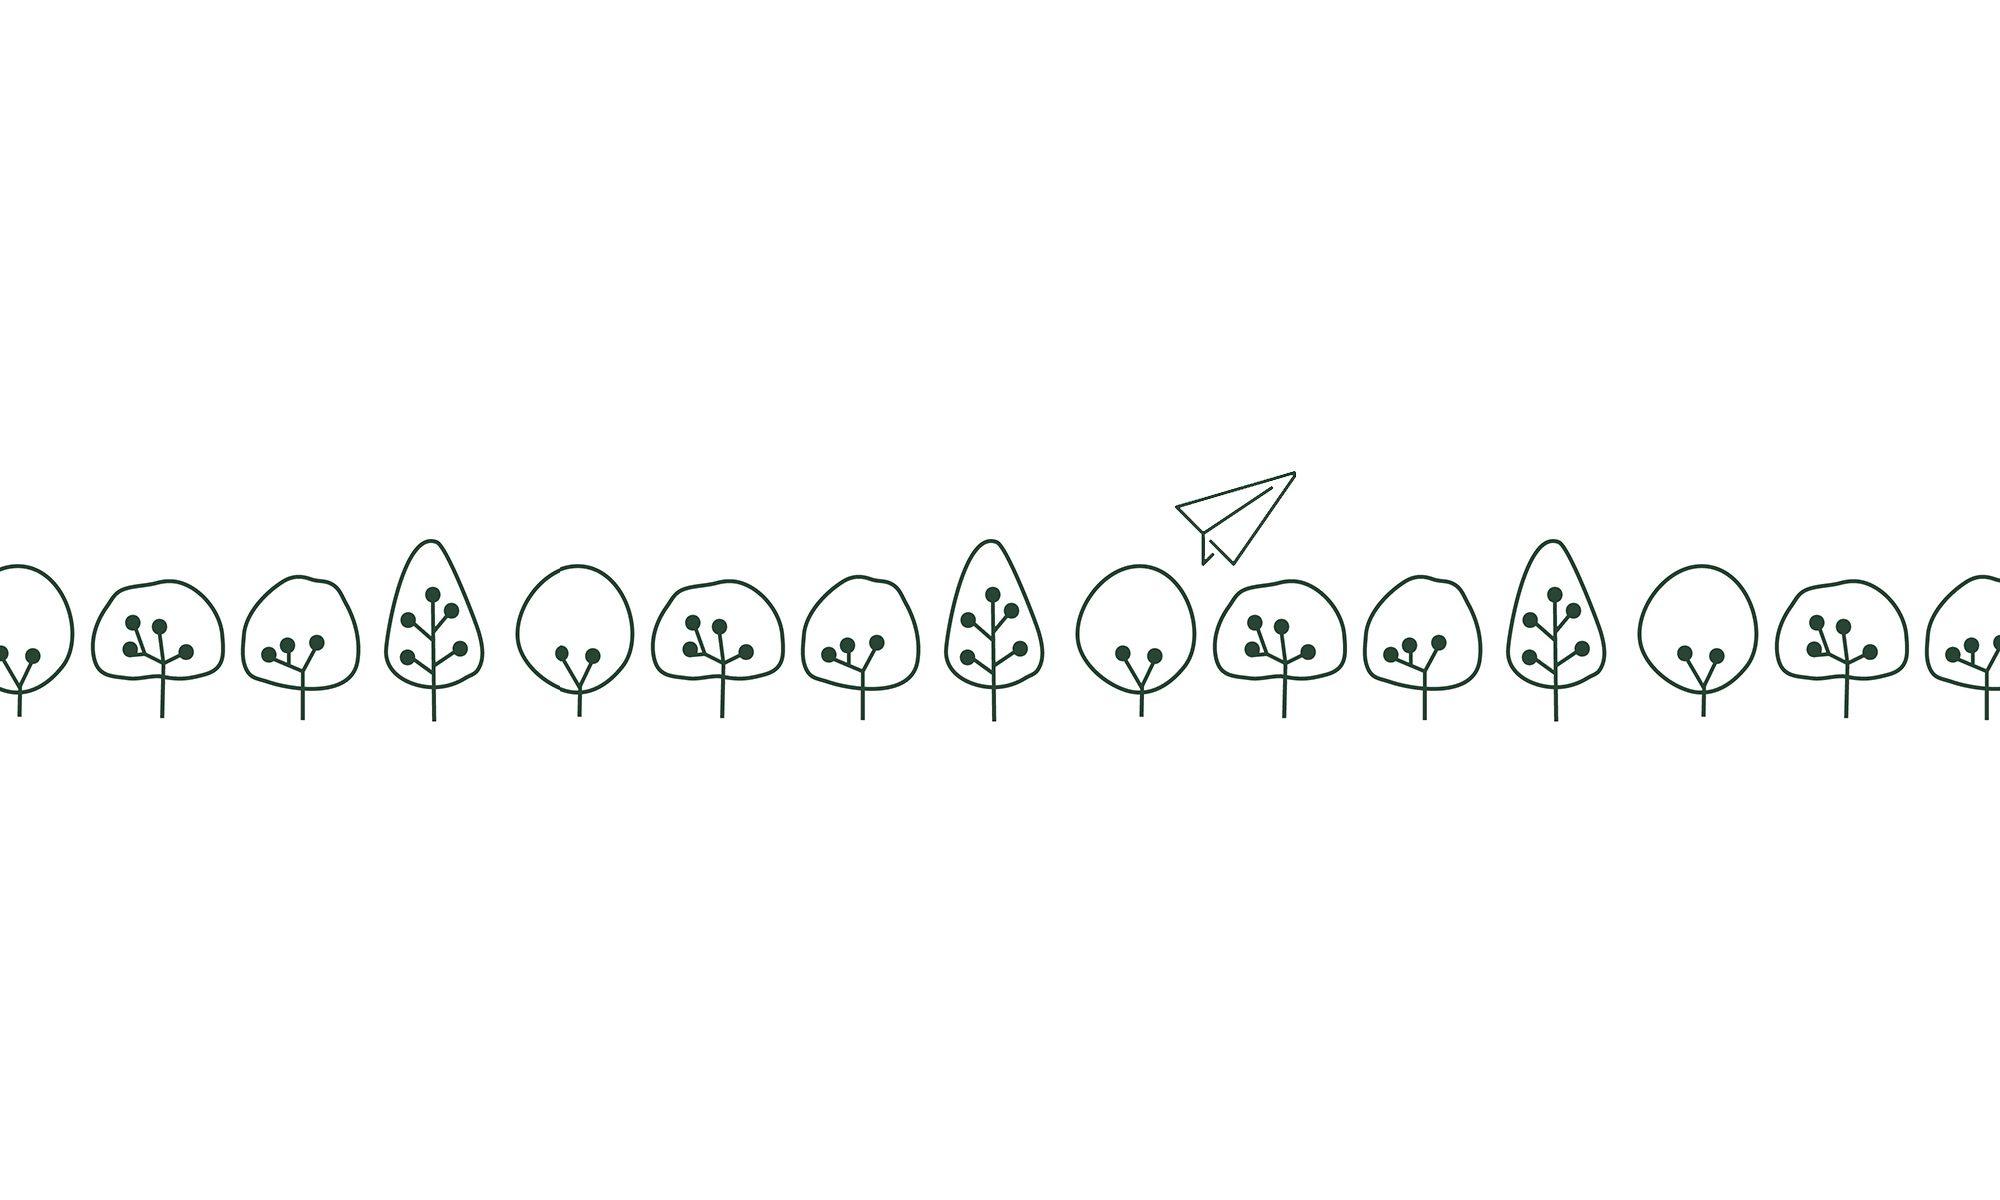 株式会社森と紙ひこうき